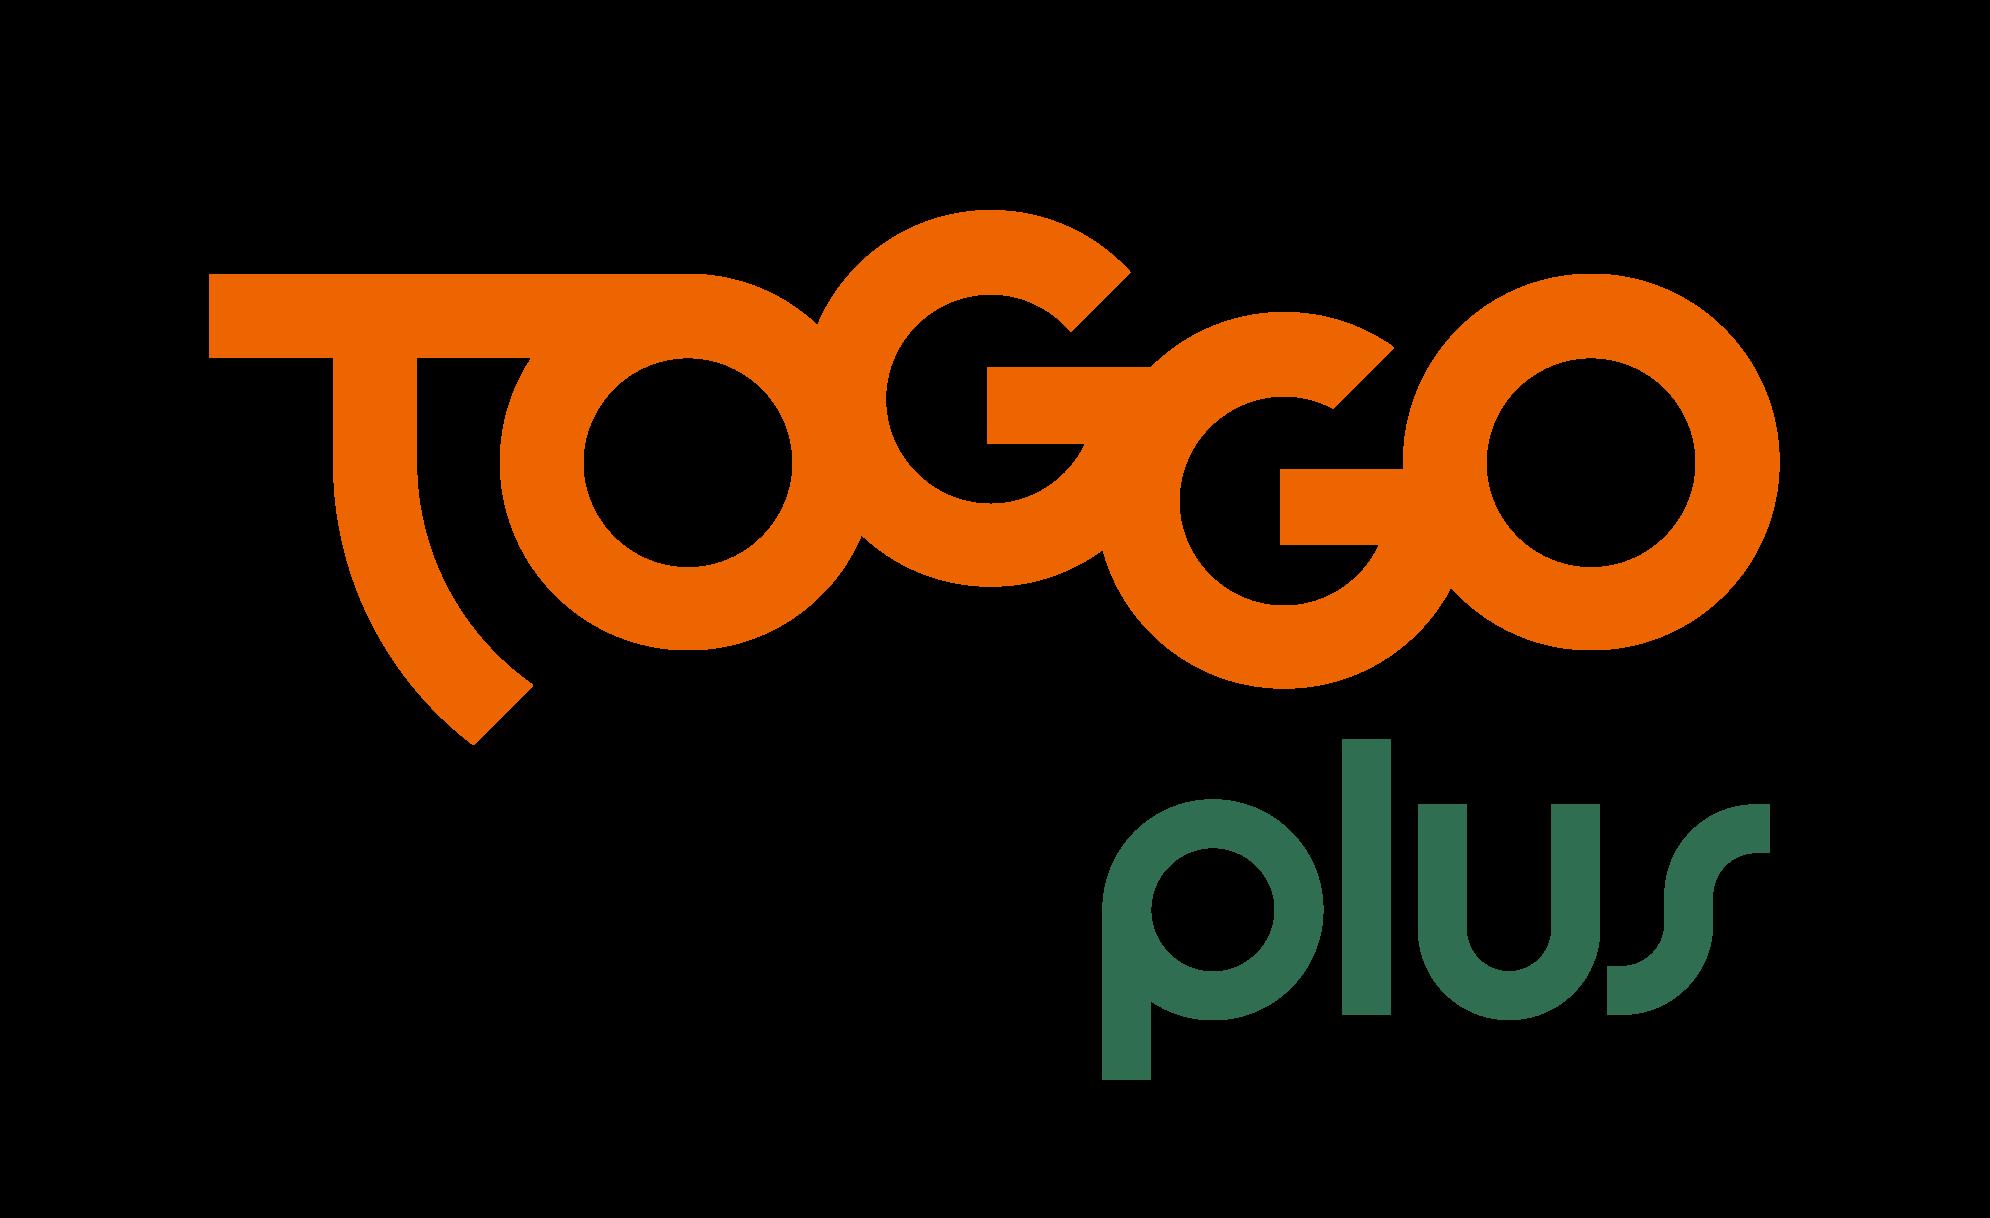 Toggo plus HD im Kabelfernsehen